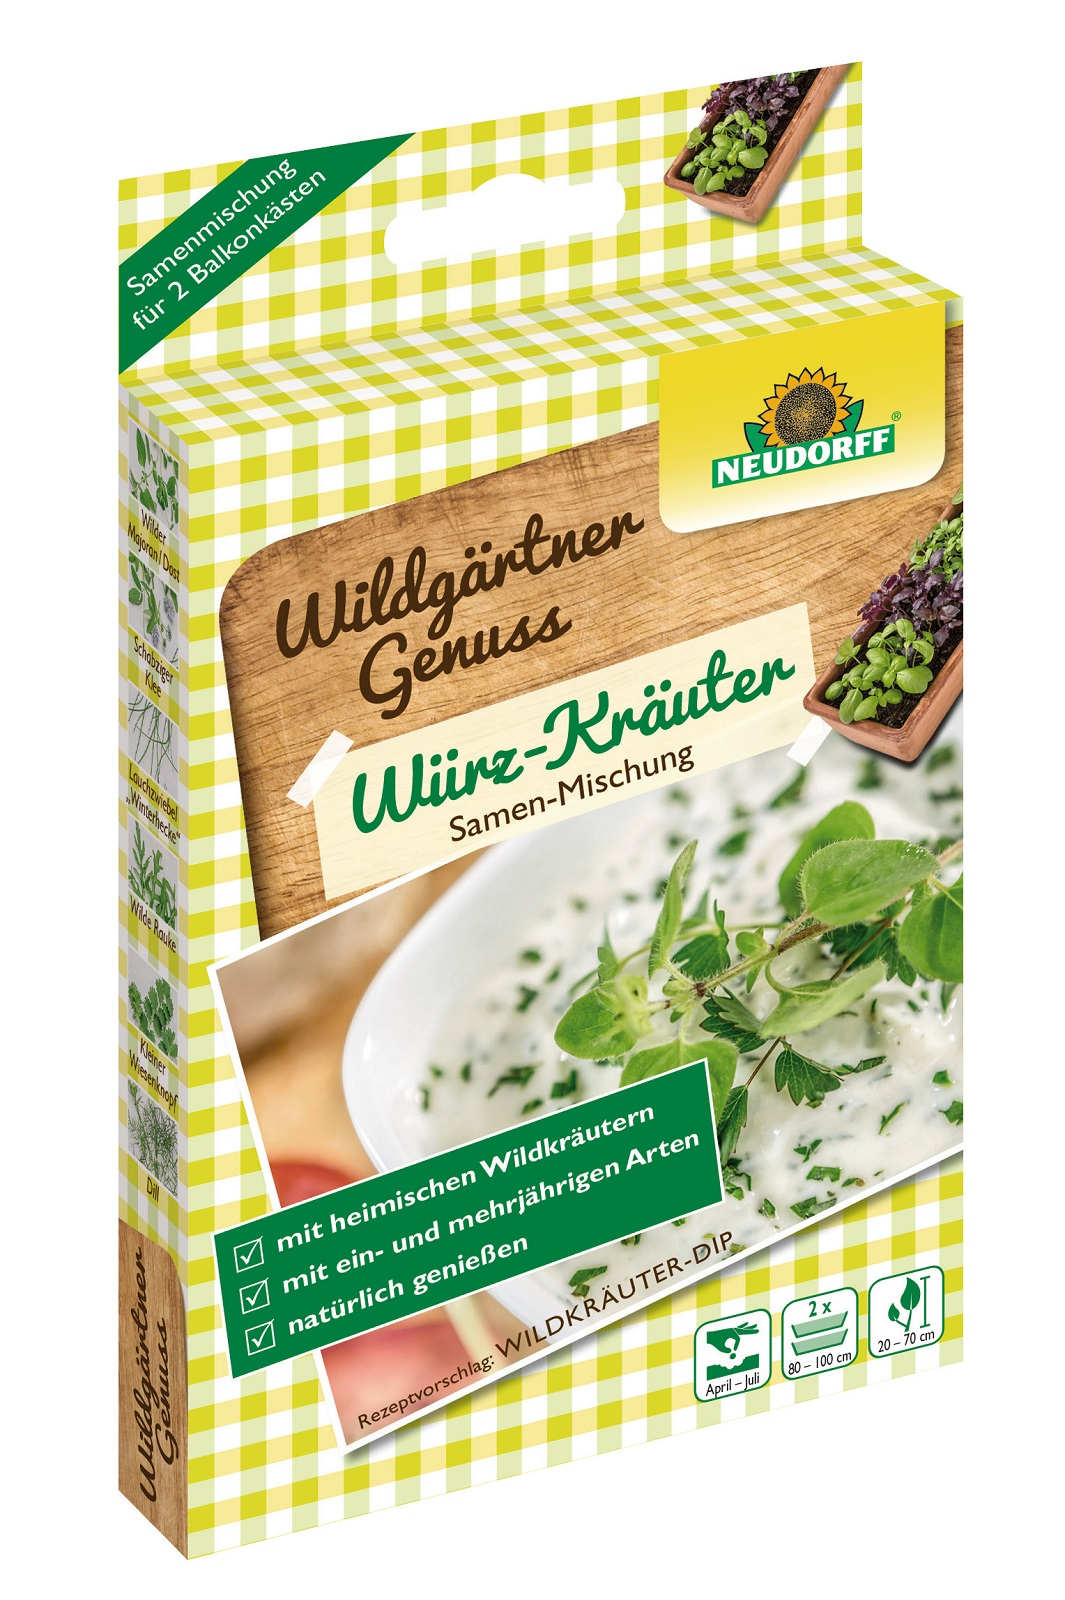 WildgärtnerGenuss Würz Kräuter 2 x 2 g Samen Mischung